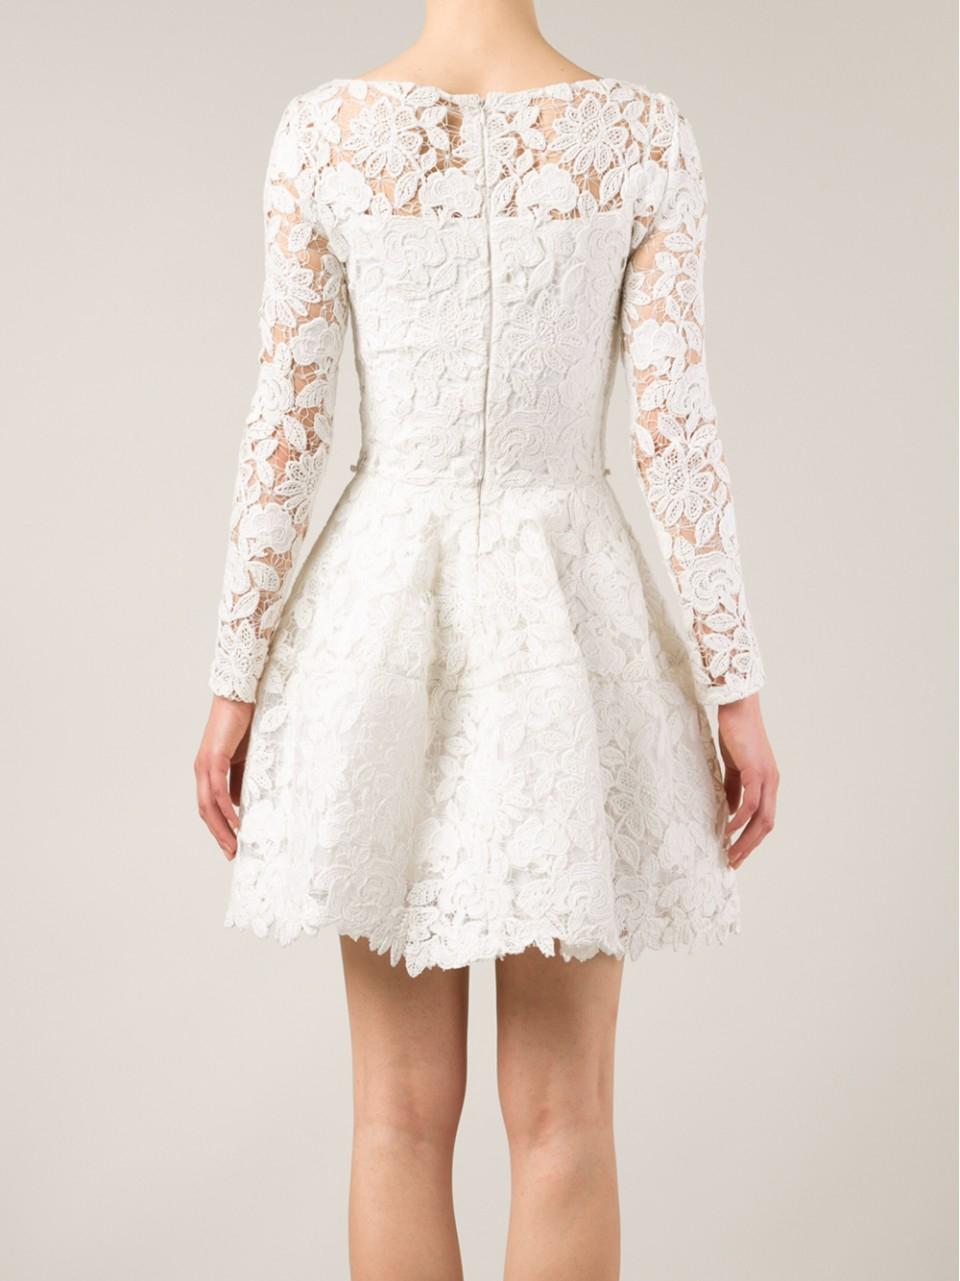 Lyst Oscar De La Renta Floral Lace Belted Dress In White